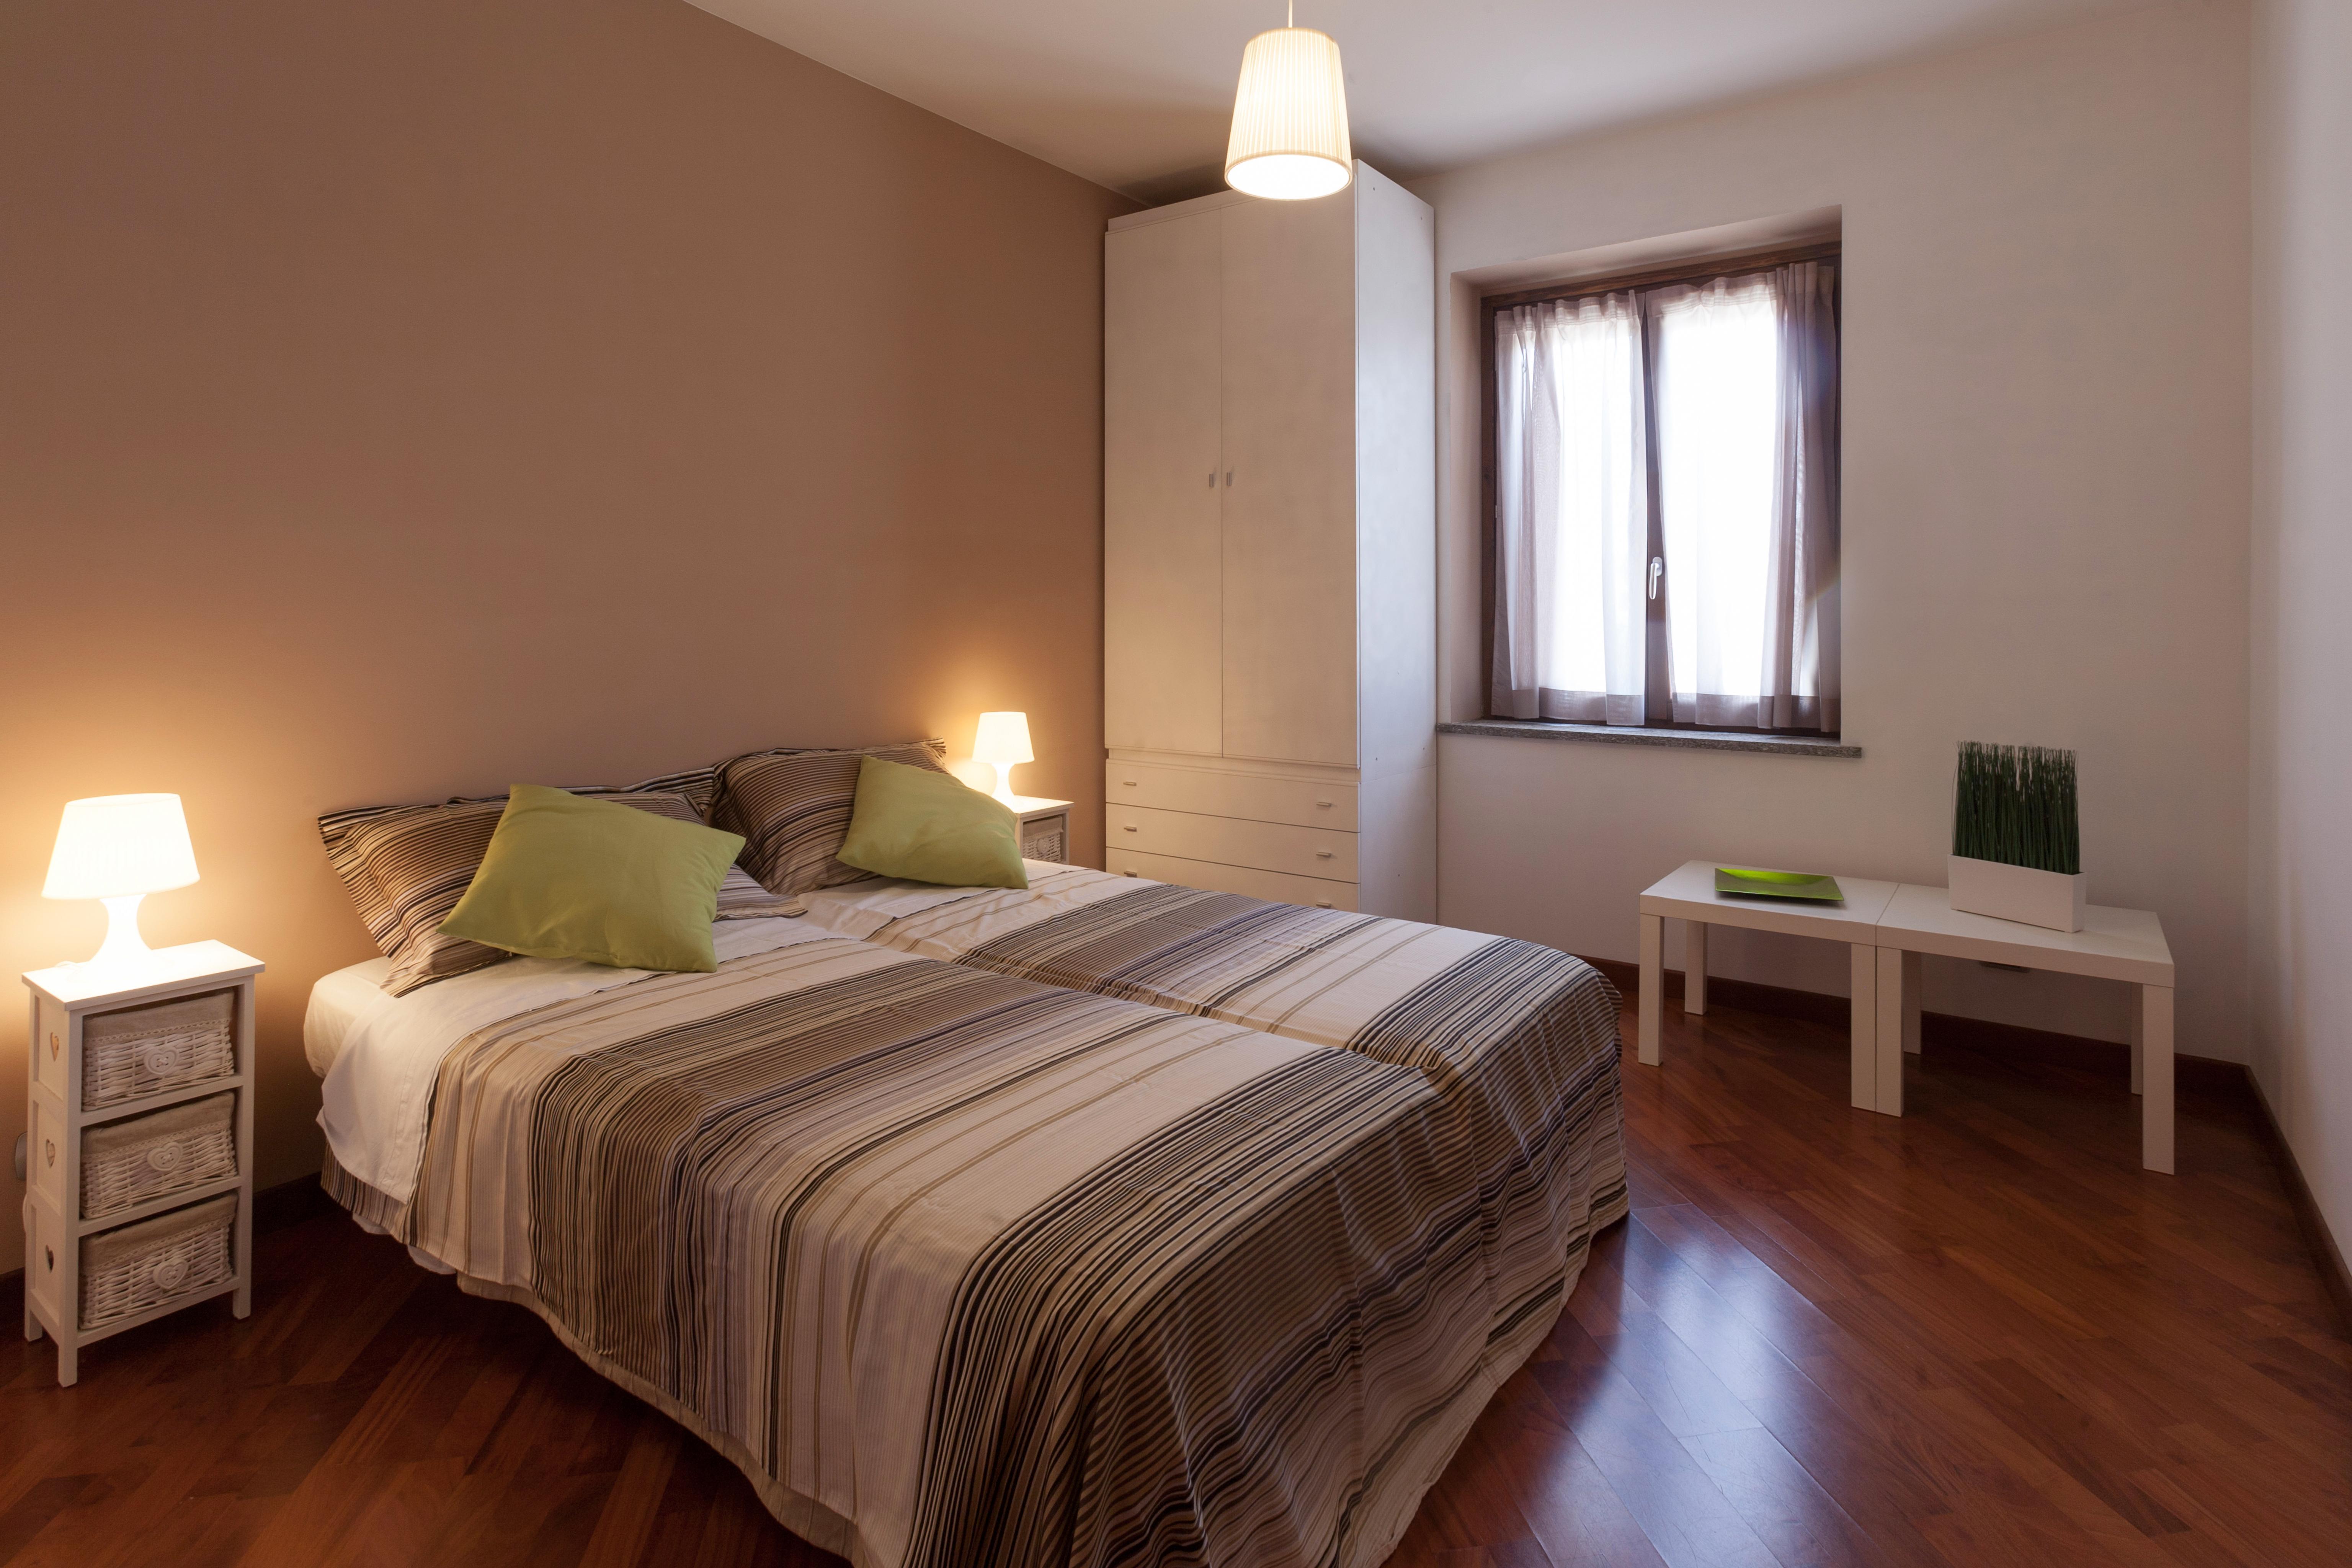 Ferienhaus Villa Cometa - Lebende Mode - (2599033), Casaleggio Novara, Novara, Piemont, Italien, Bild 13